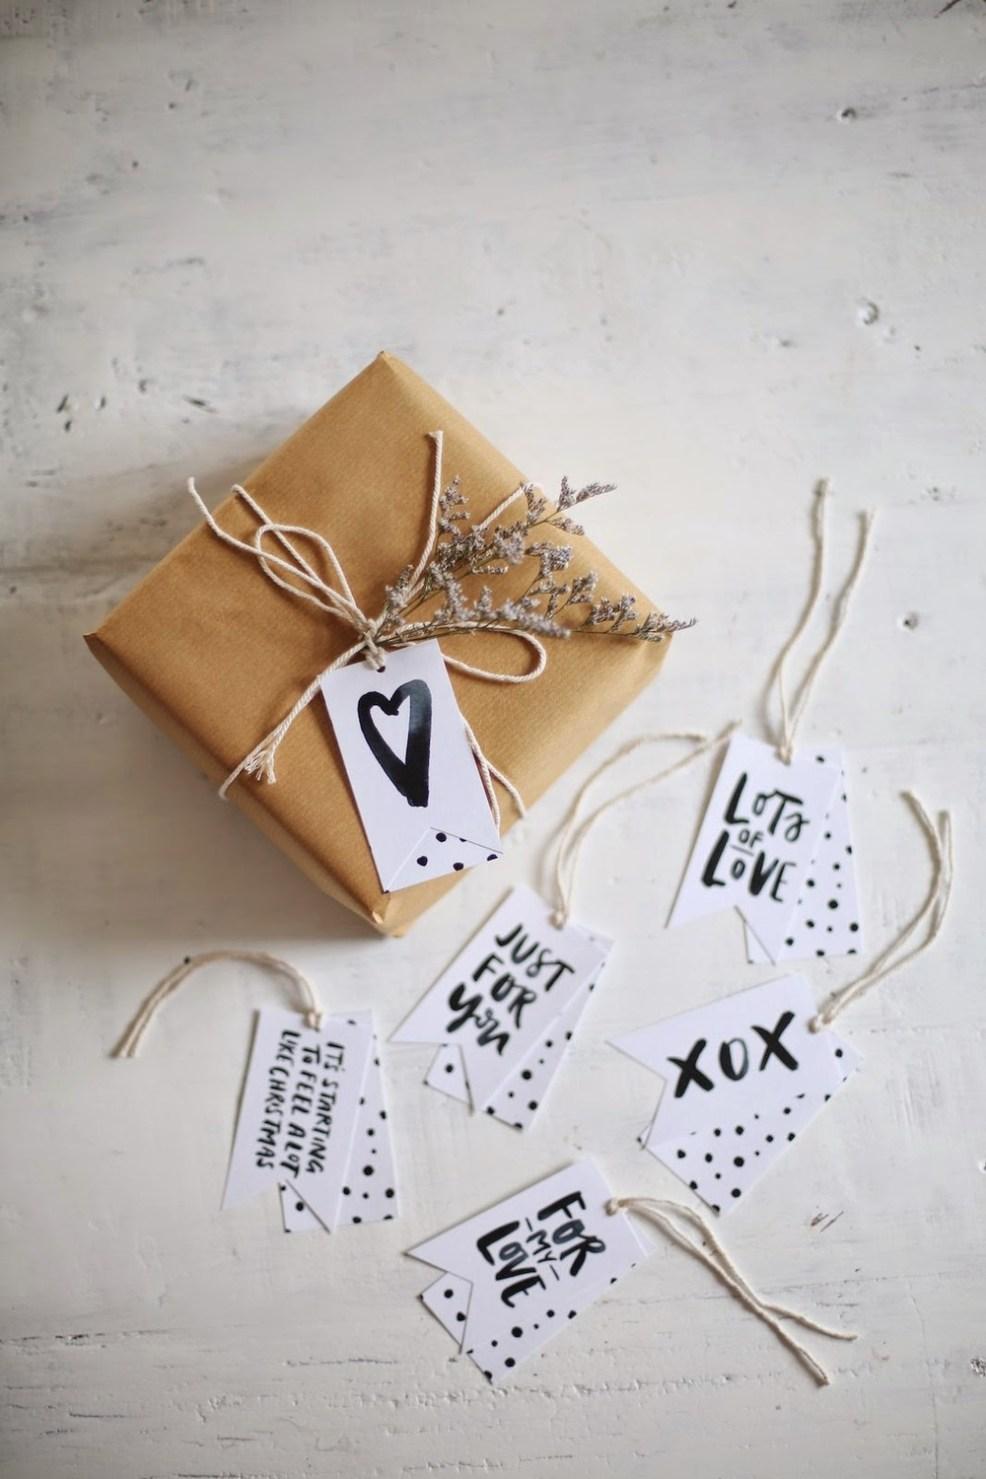 Envie d'un emballage cadeau personnalisé ? Retrouvez notre selection de tutoriels dans l'article